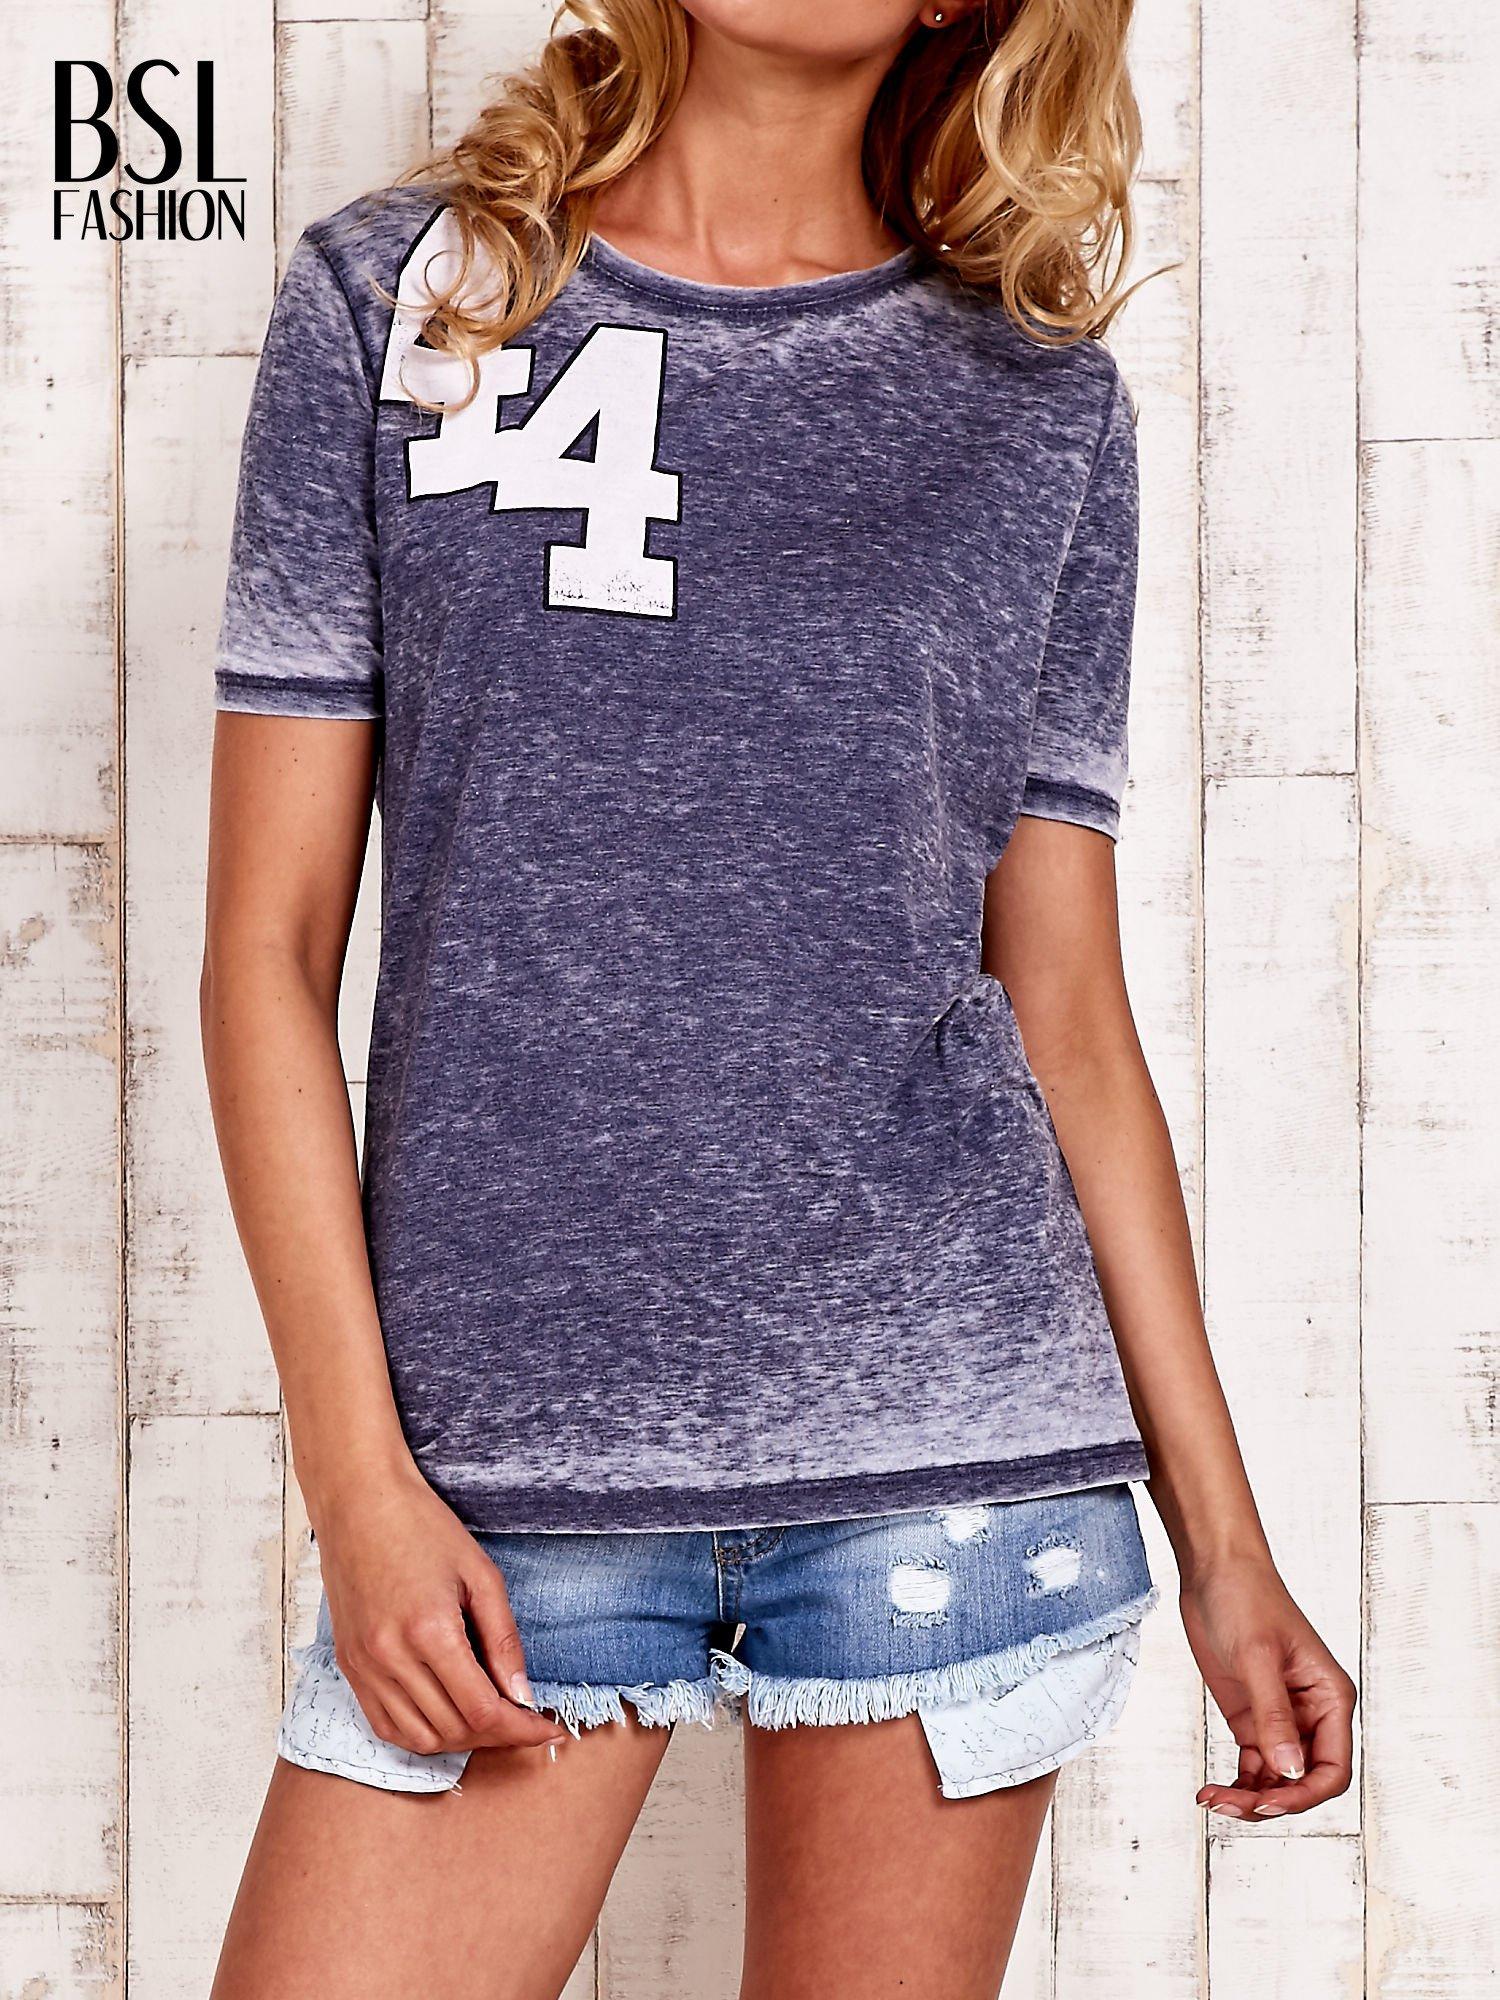 Granatowy t-shirt z numerkiem efekt acid wash                                  zdj.                                  1